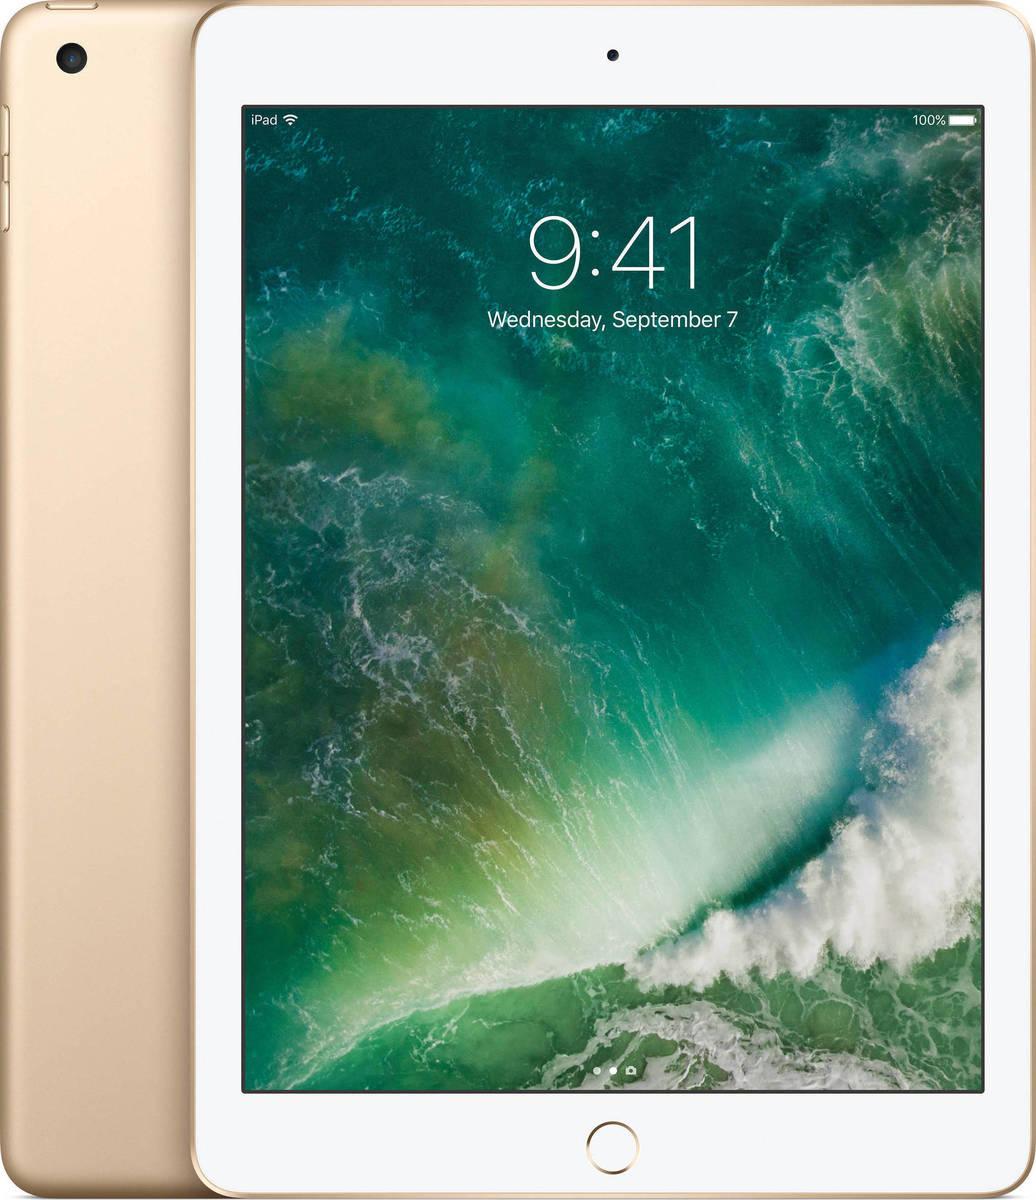 Apple iPad 9.7'' 2017 WiFi 32GB Gold Με Αντάπτορα Πληρωμή έως 24 δόσεις